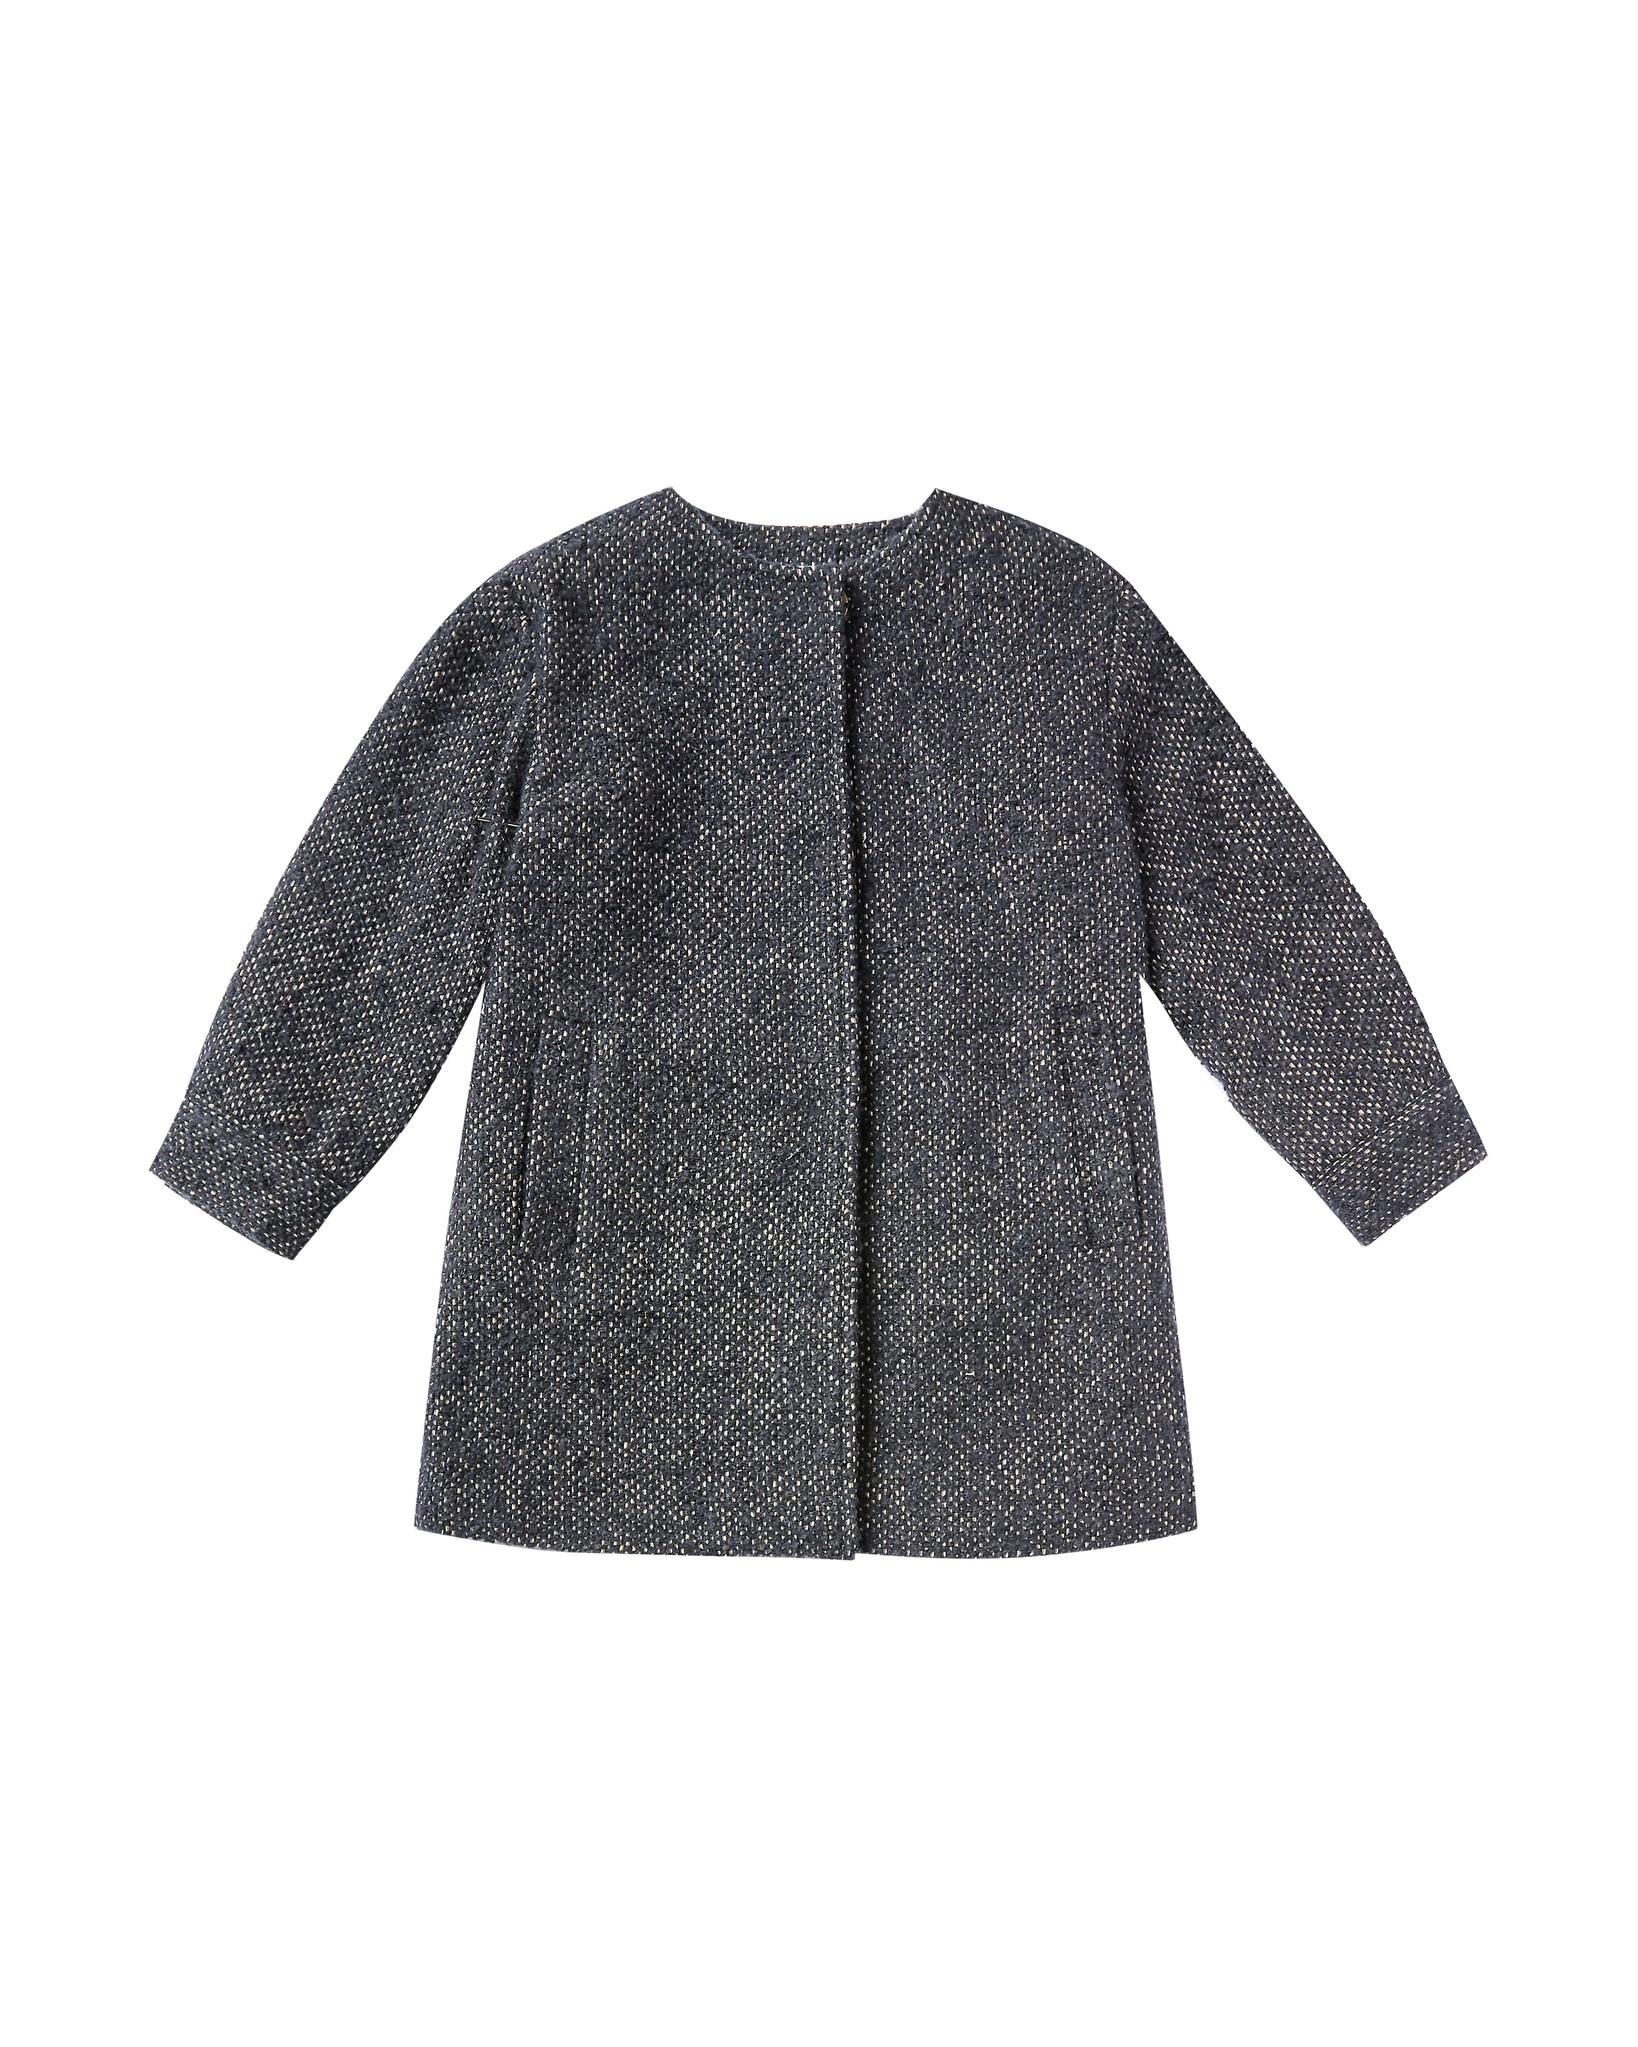 Rylee & Cru No-Collar Coat